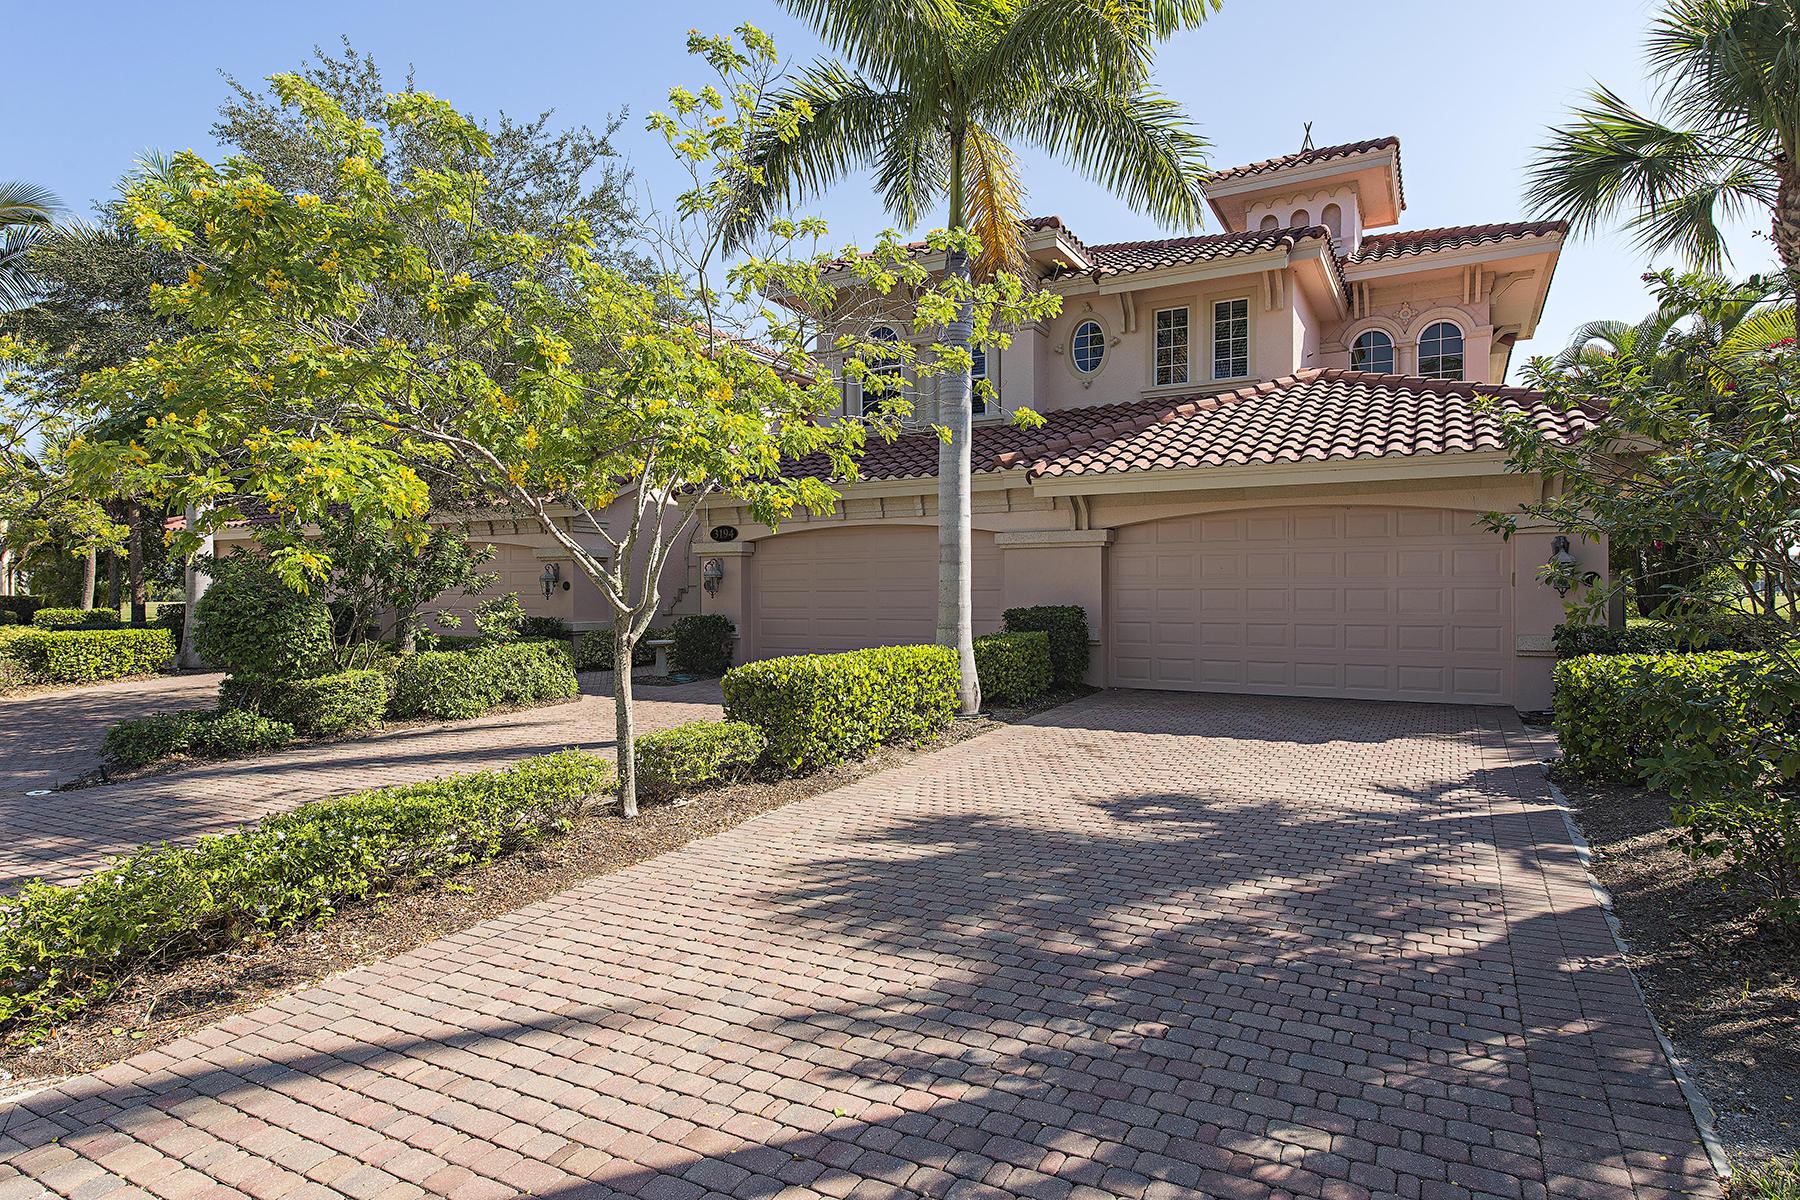 Кооперативная квартира для того Продажа на FIDDLER'S CREEK - SERENA 3194 Serenity Ct 202 Naples, Флорида 34114 Соединенные Штаты